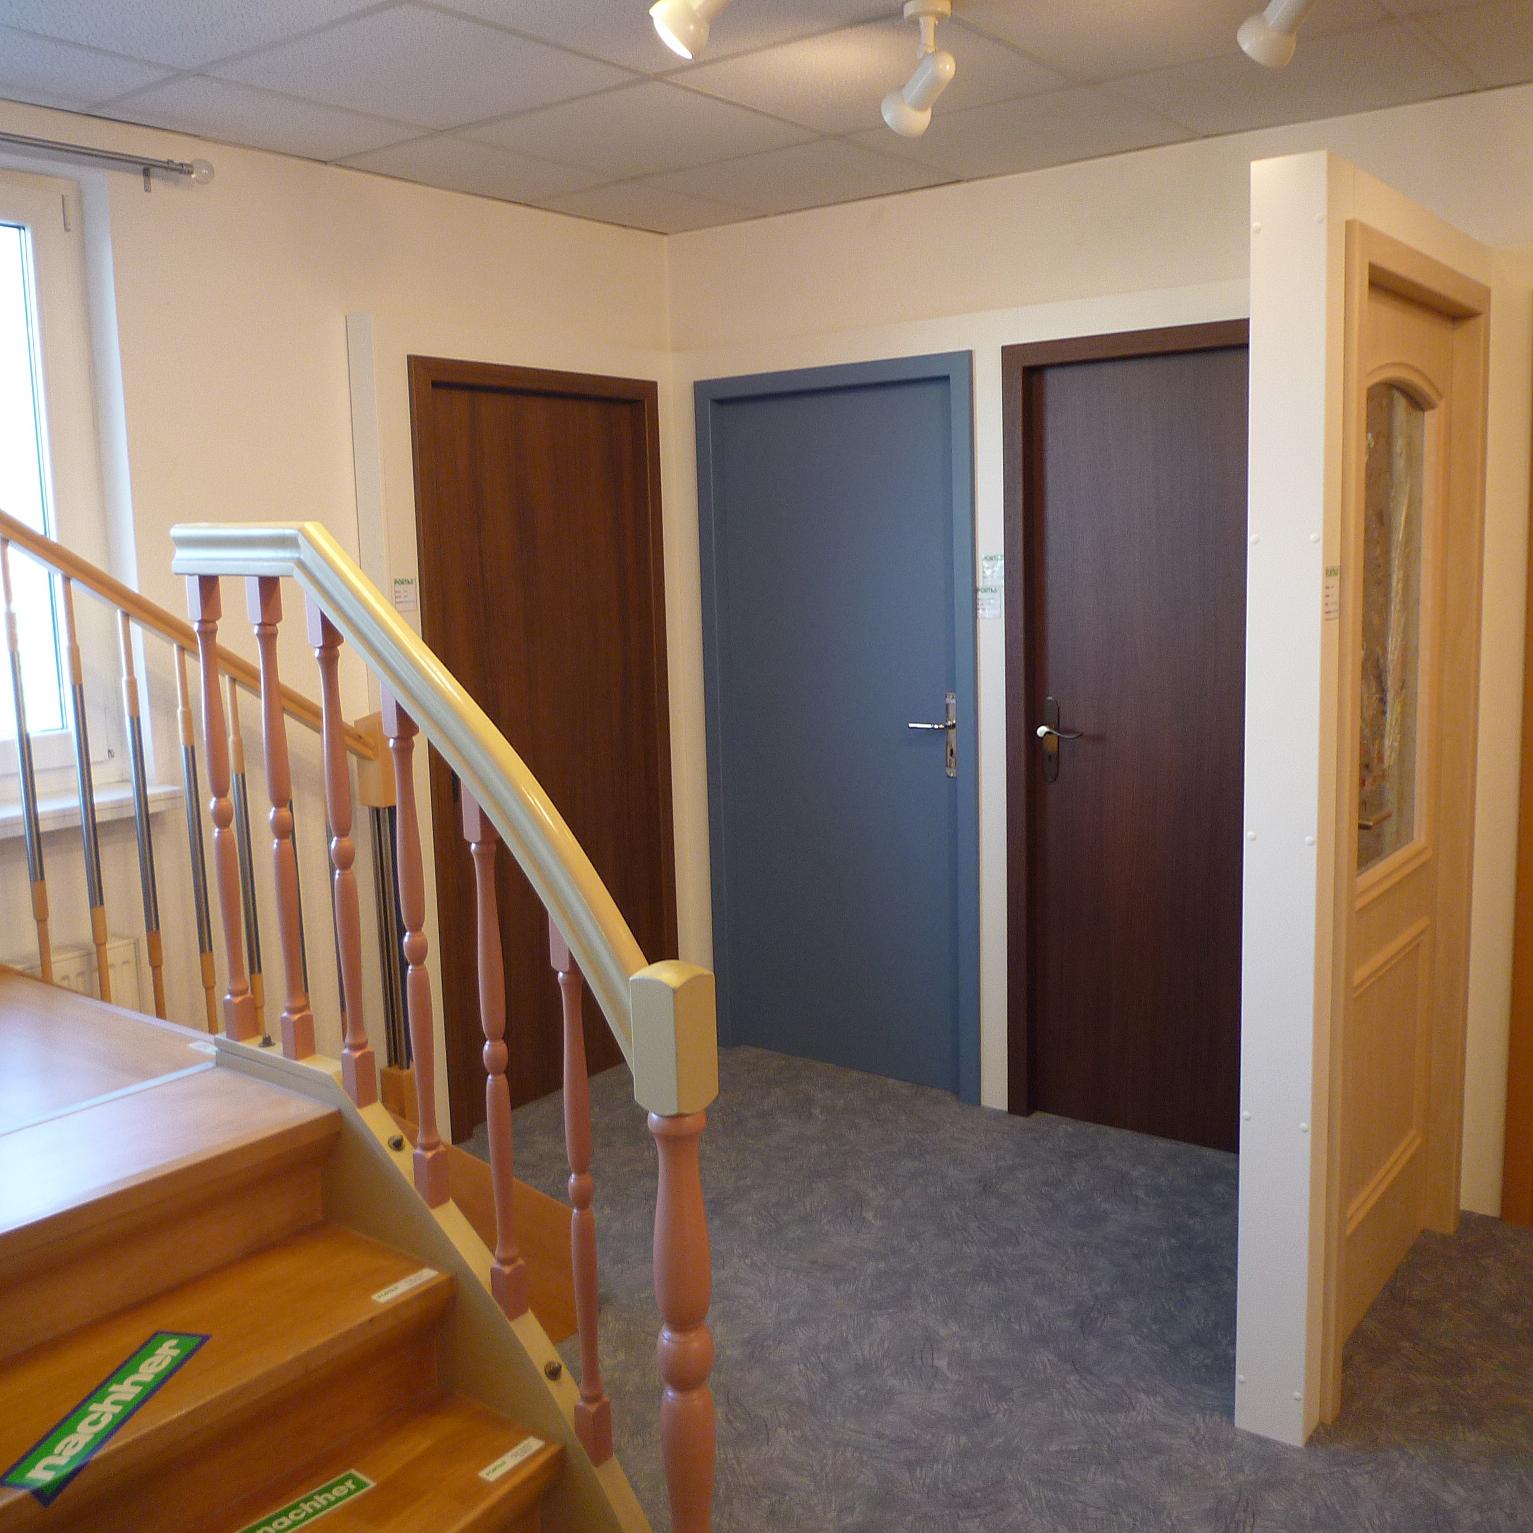 portas fachbetrieb uwe k bele herstellung einbau von treppen appenweier deutschland tel. Black Bedroom Furniture Sets. Home Design Ideas